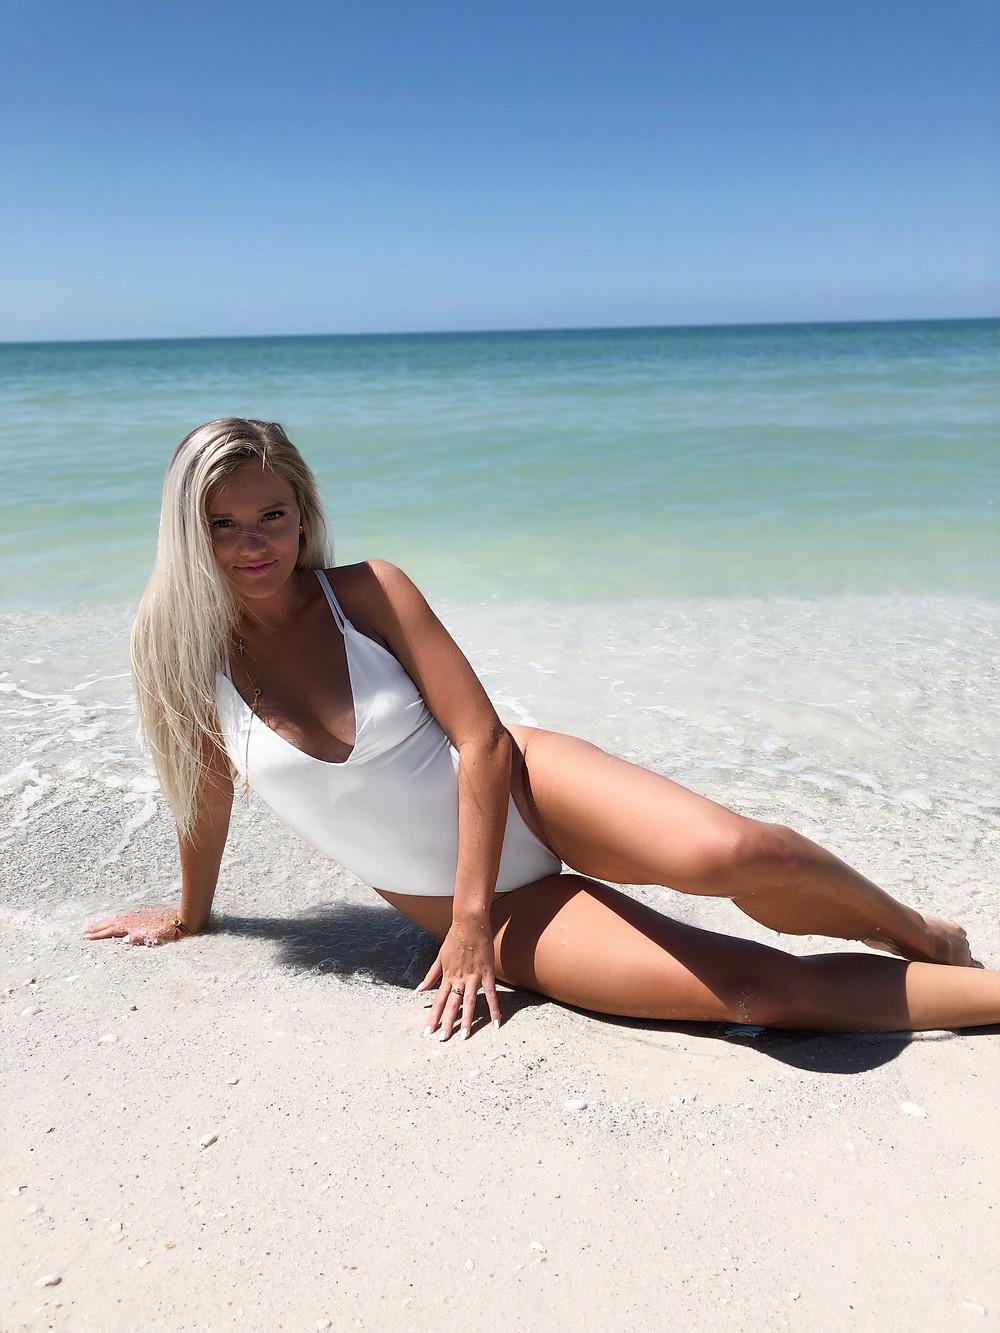 Caitlin Eliza x TOBI - 8 Beach Day Essentials